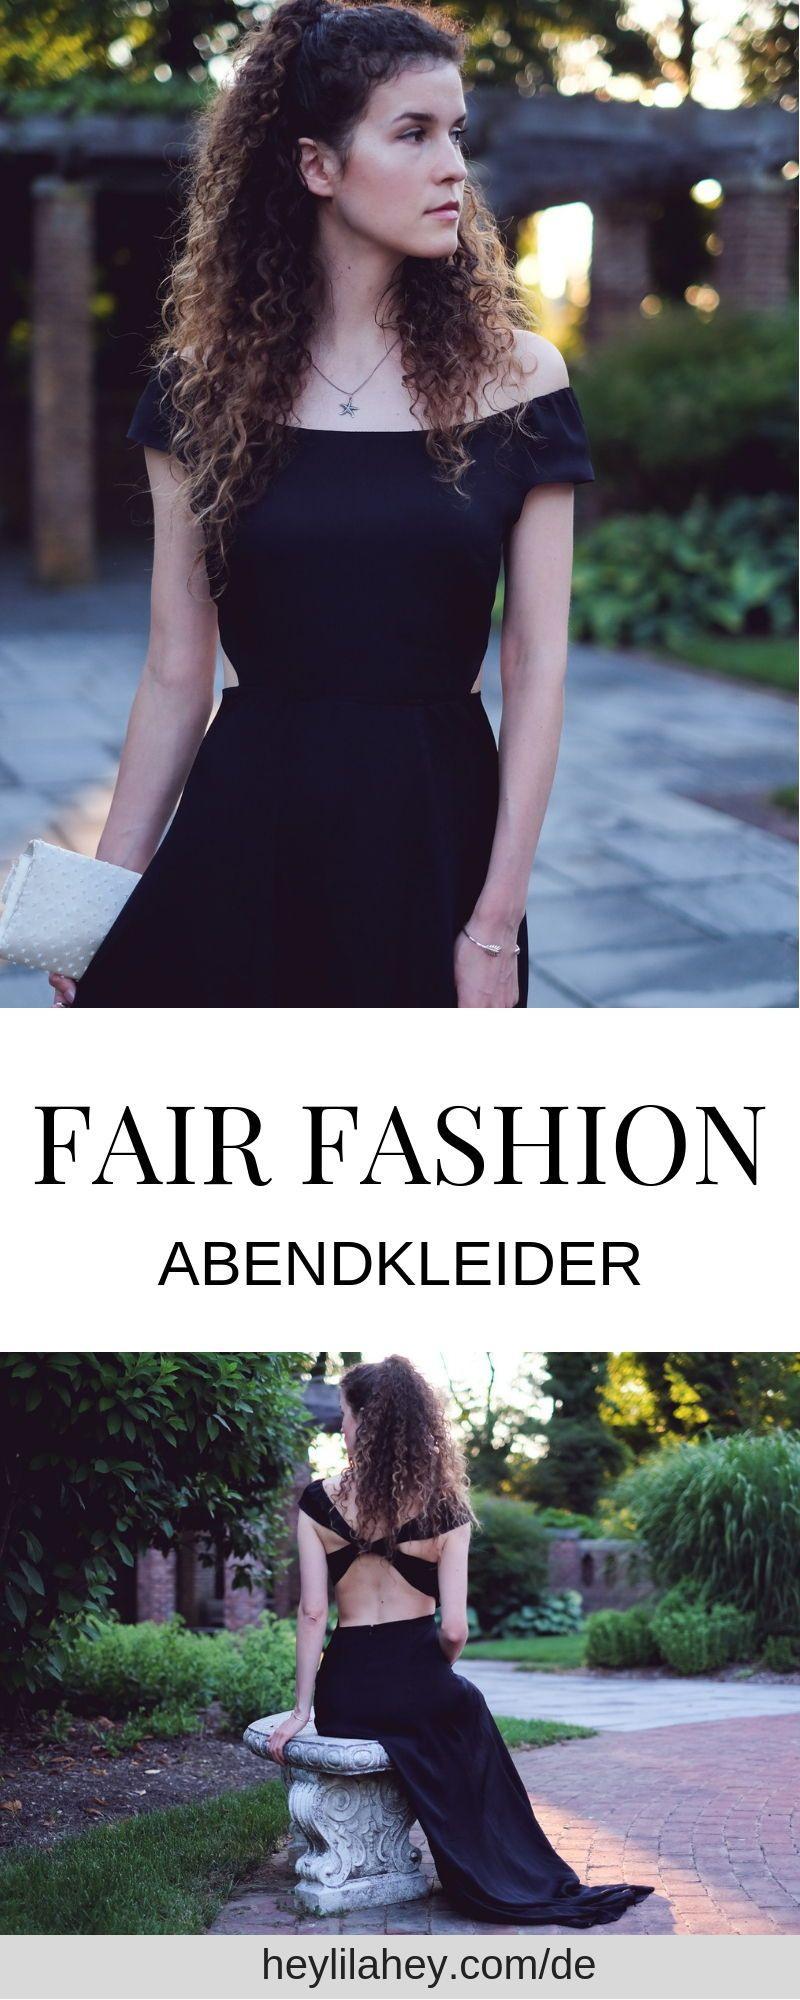 Designer Einzigartig Abendkleid Fair GalerieAbend Elegant Abendkleid Fair Spezialgebiet